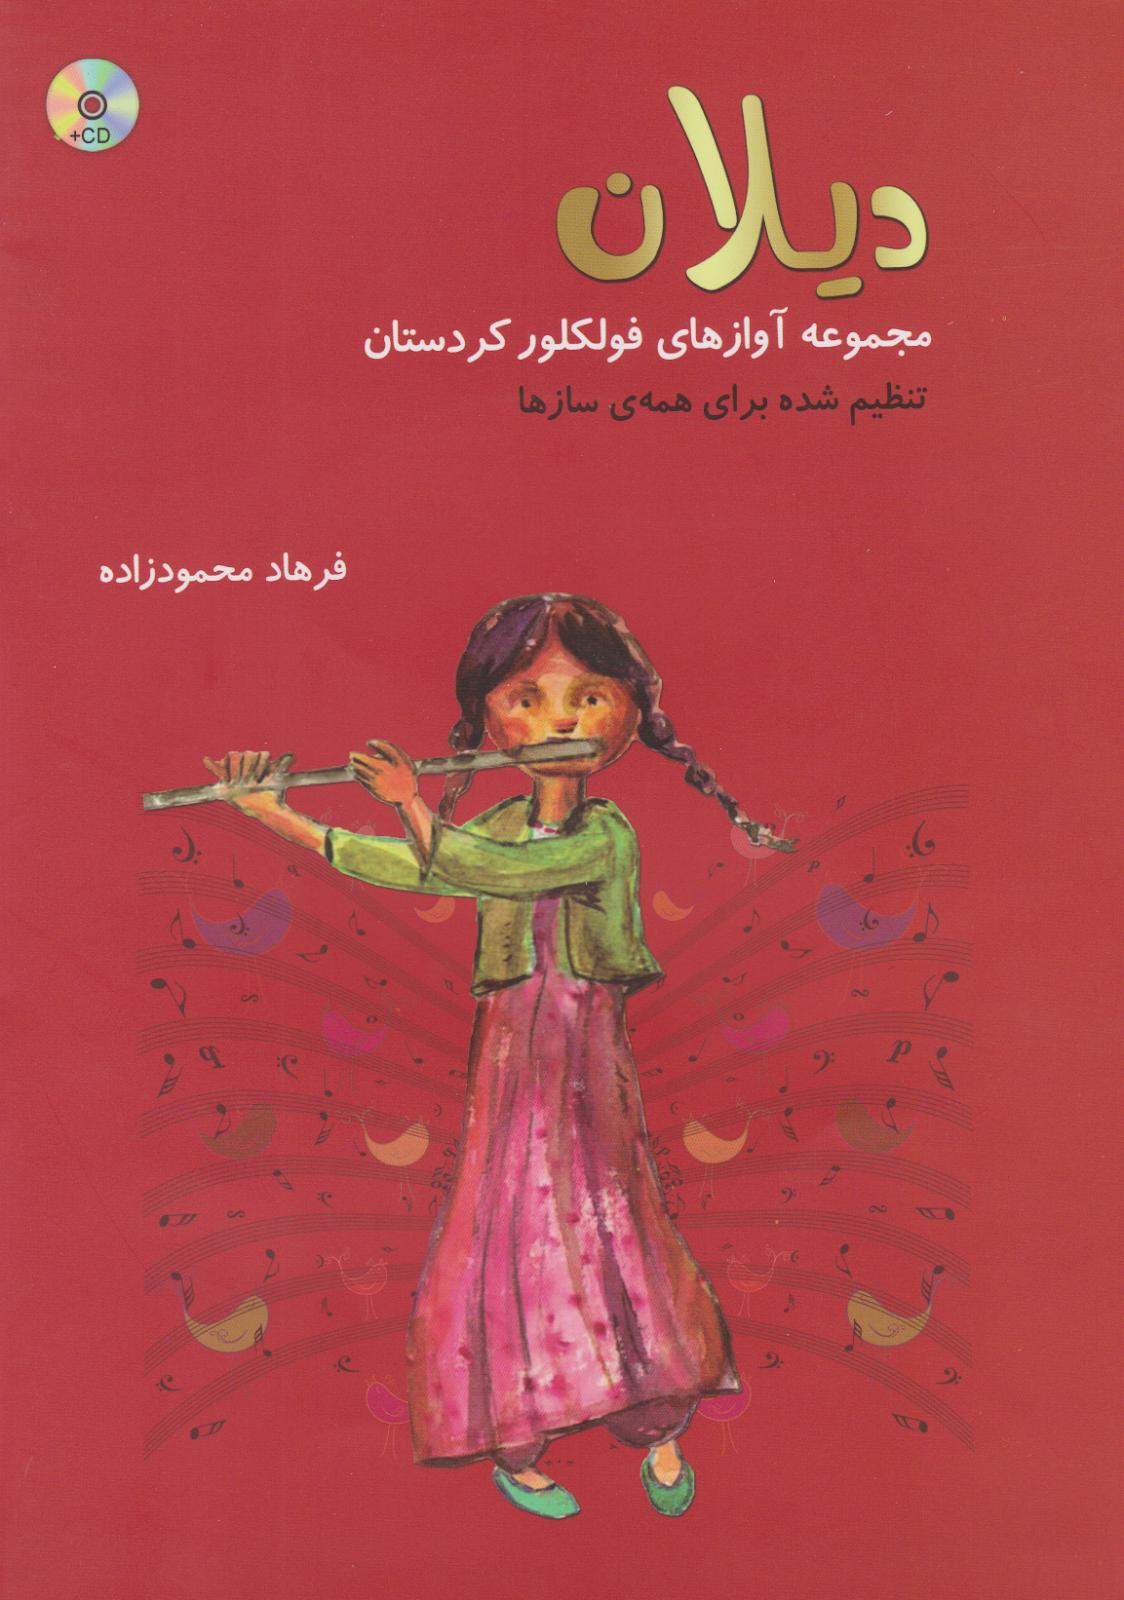 کتاب دیلان فرهاد محمودزاده انتشارات عارف